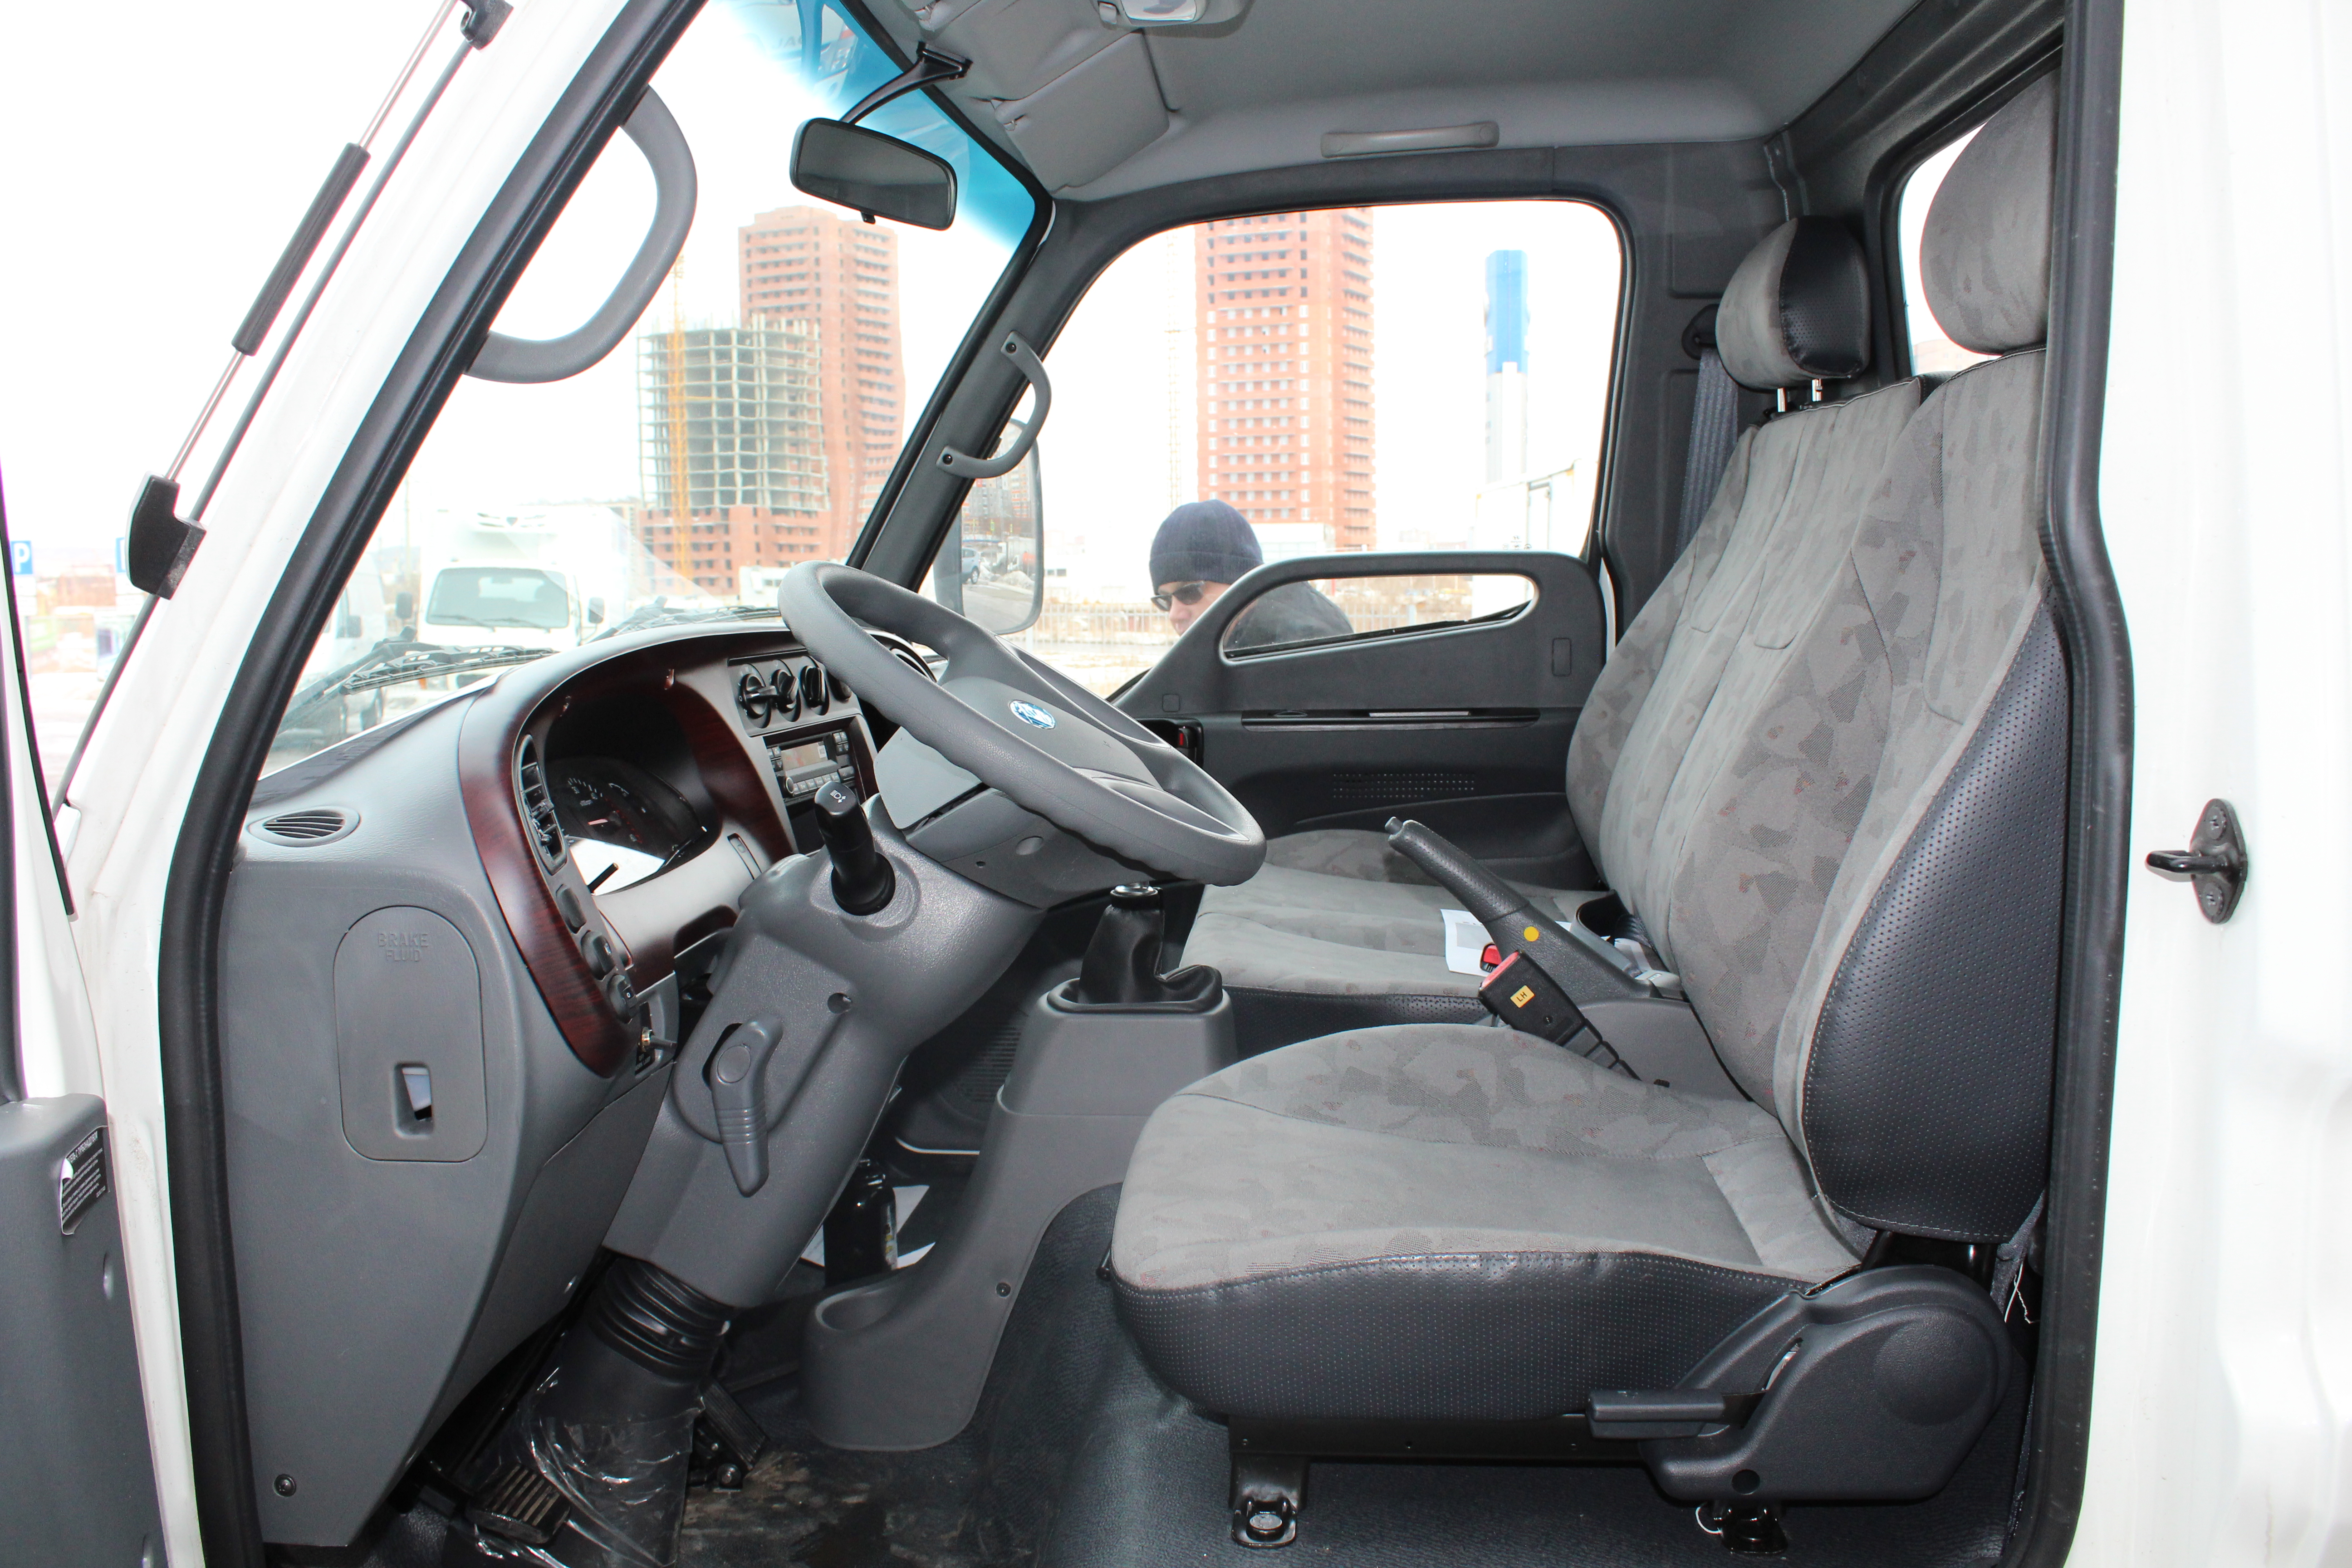 Водительское и пассажирские места в Hyundai HD35 отделены рычагами МКПП и ручного тормоза